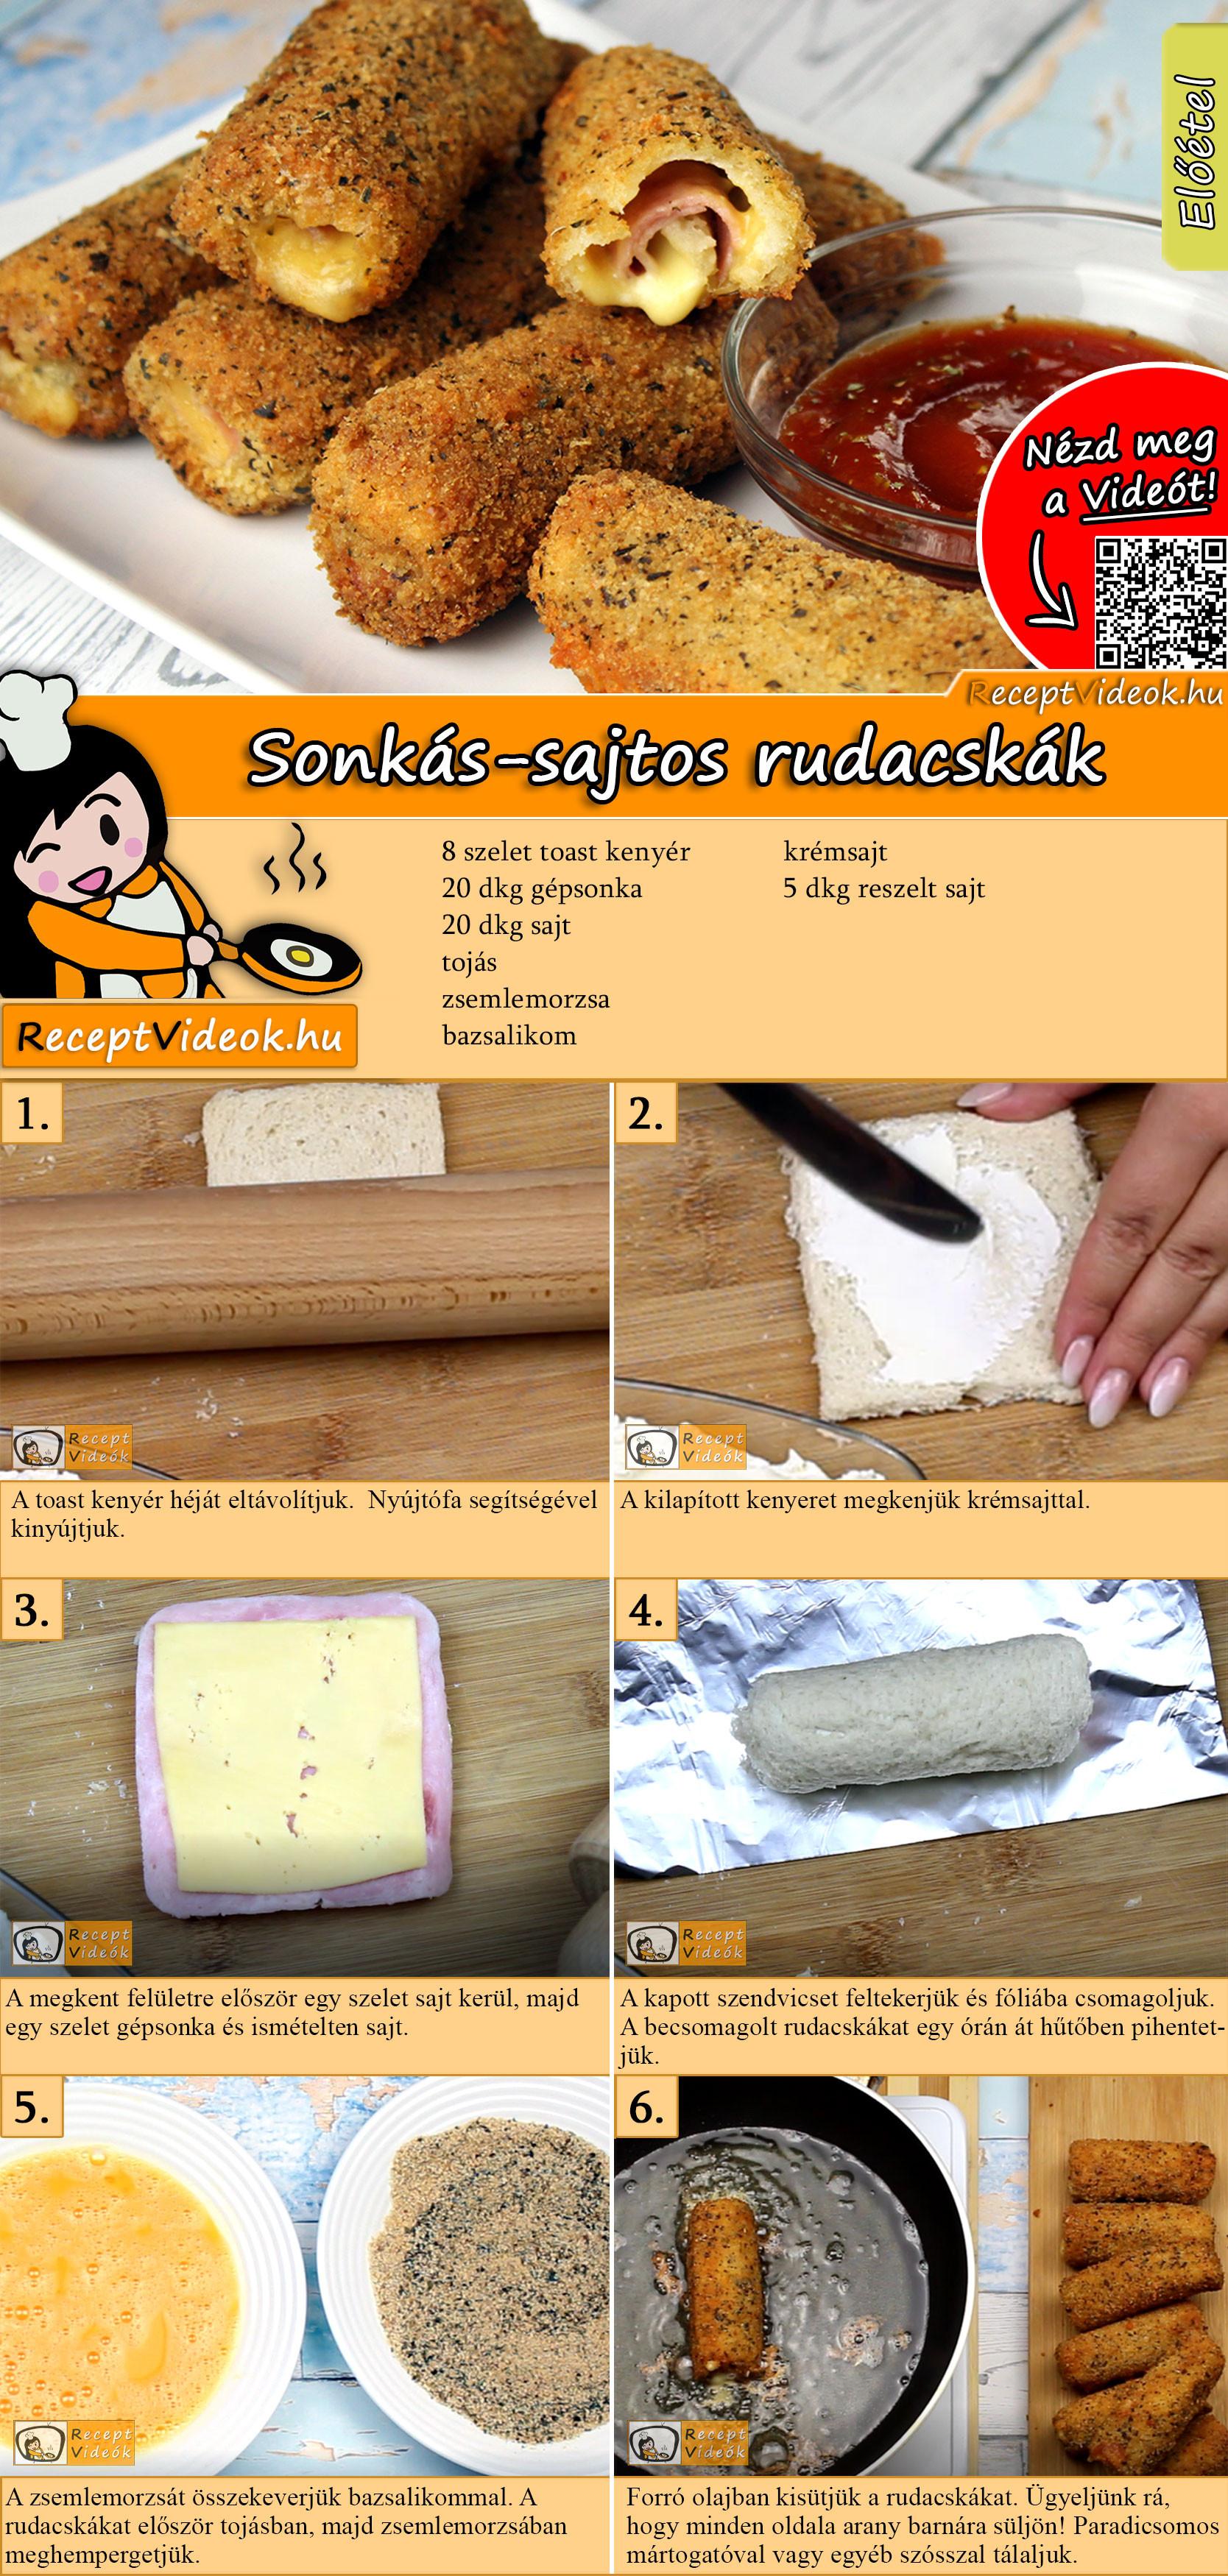 Sonkás-sajtos rudacskák recept elkészítése videóval